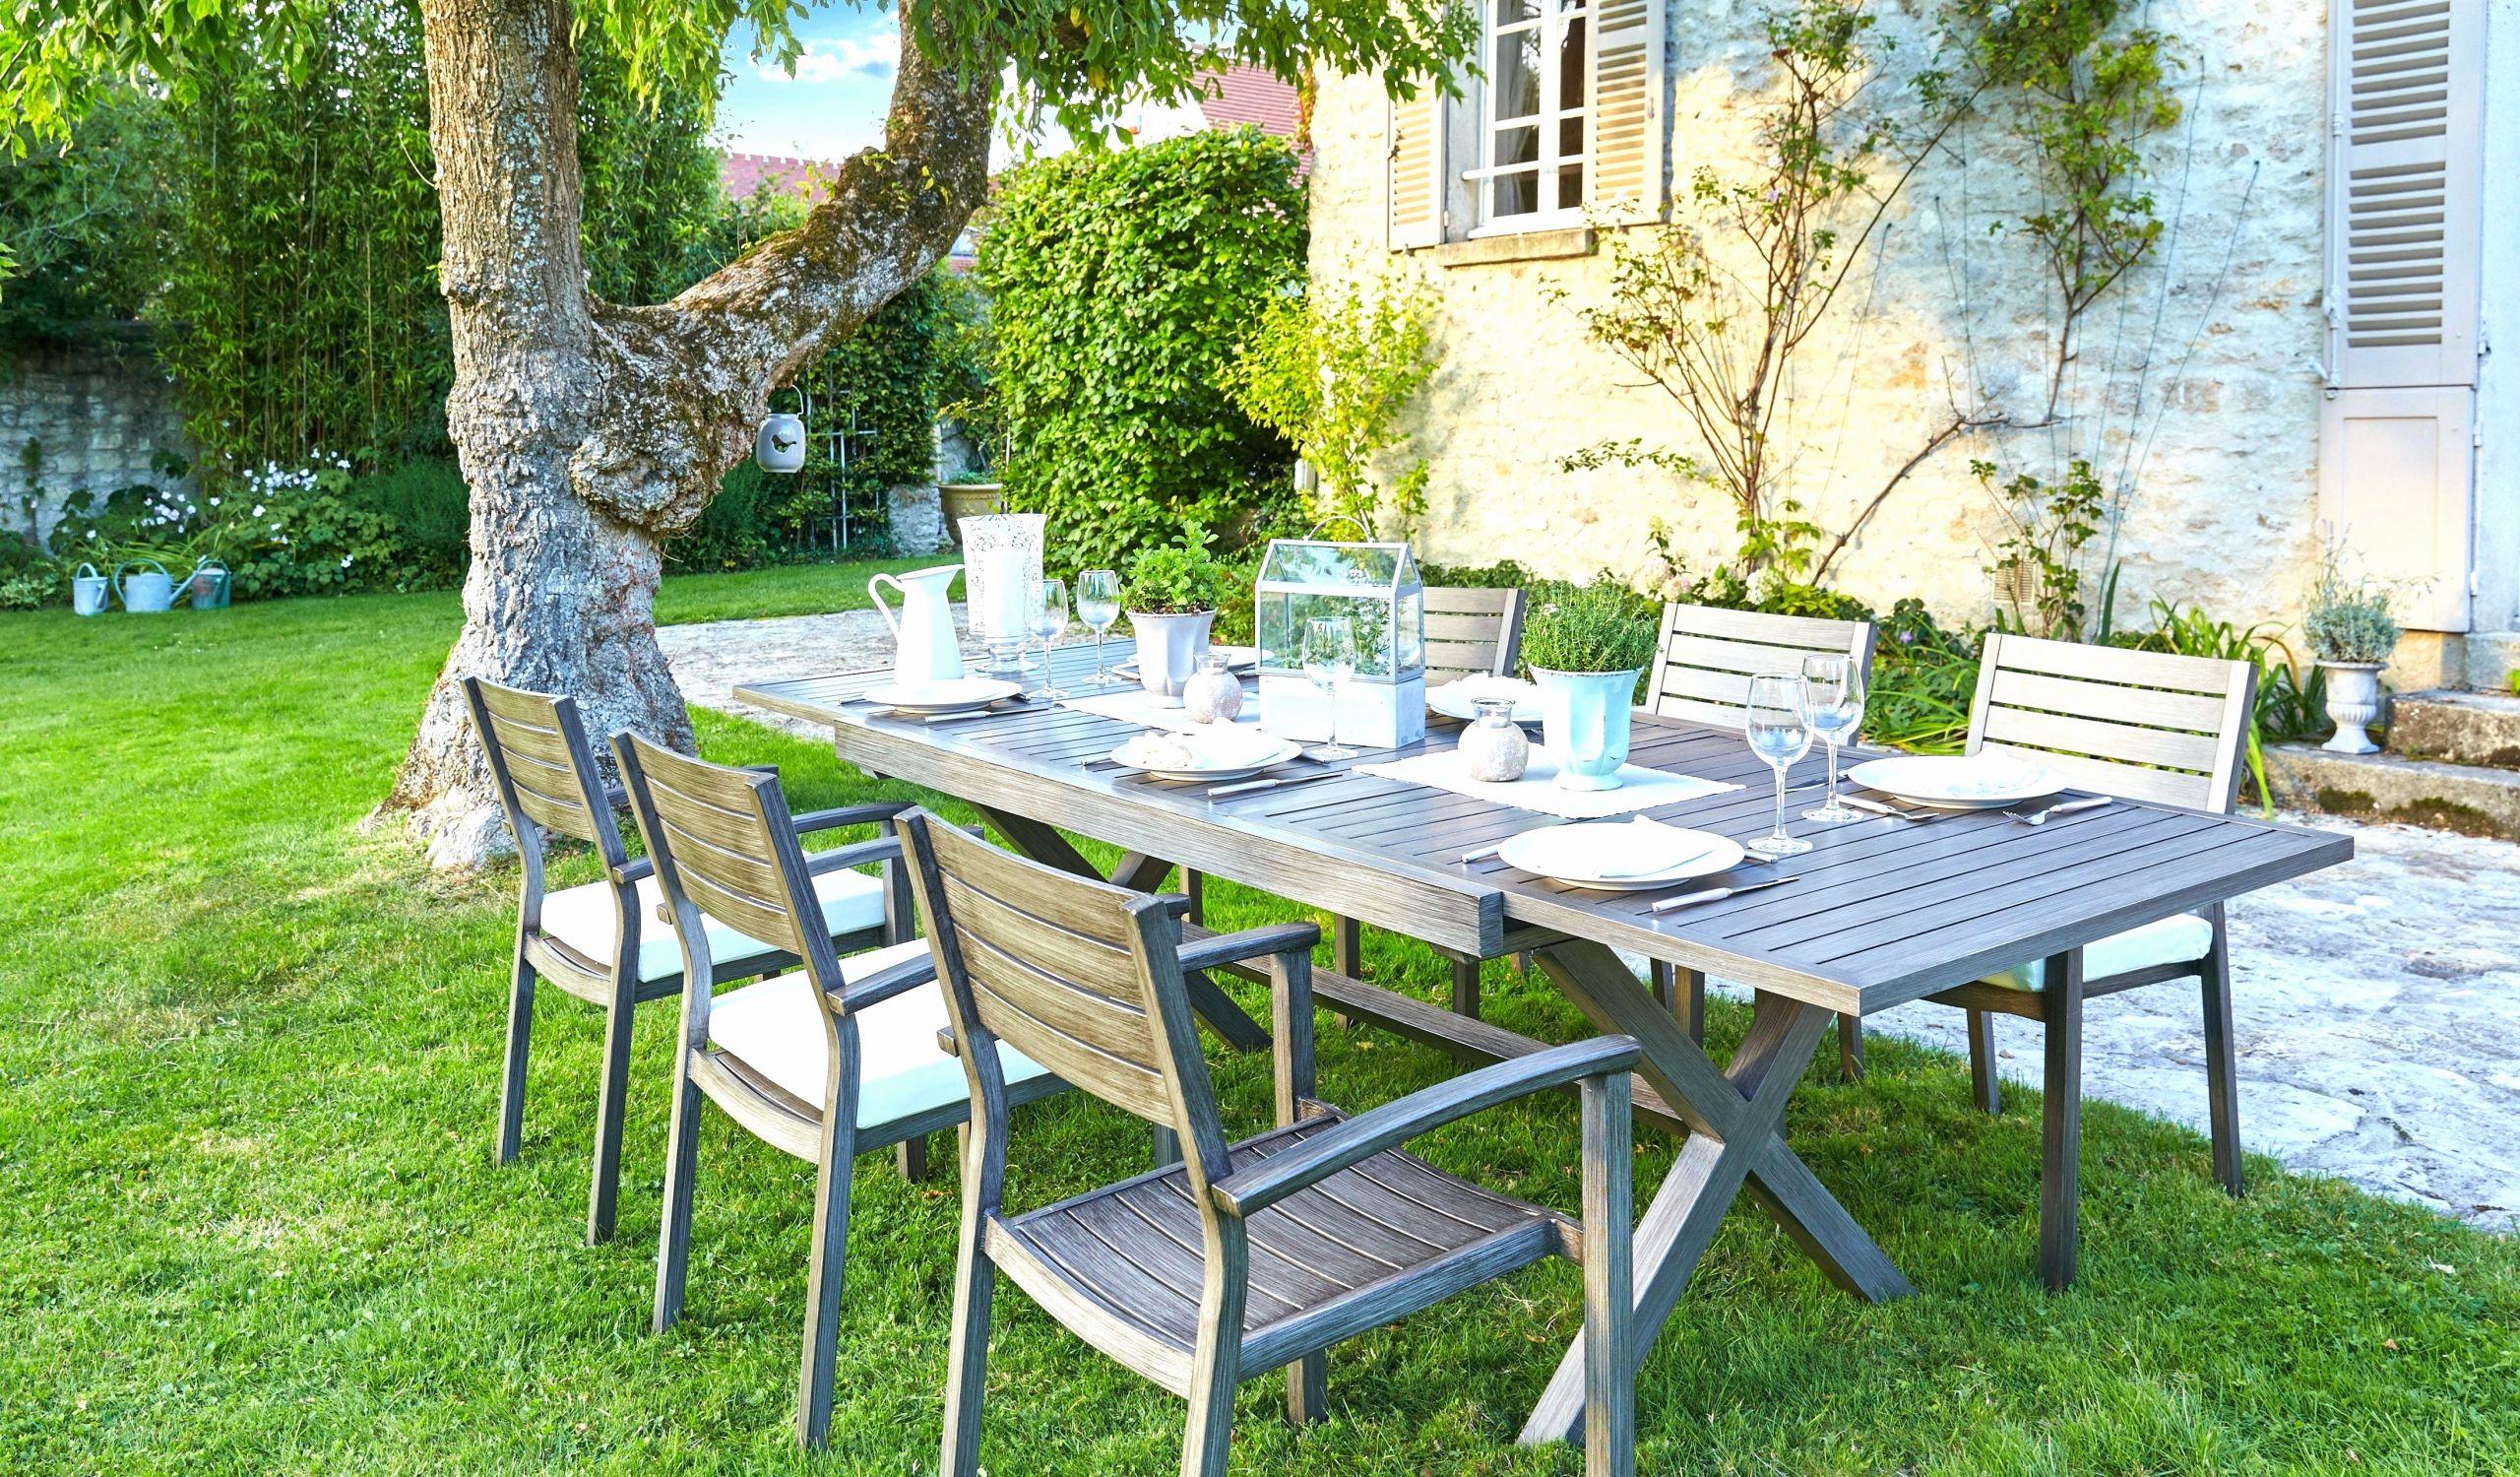 salon jardin exterieur luxe salon de jardin pas cher carrefour nouveau galerie table et chaise of salon jardin exterieur